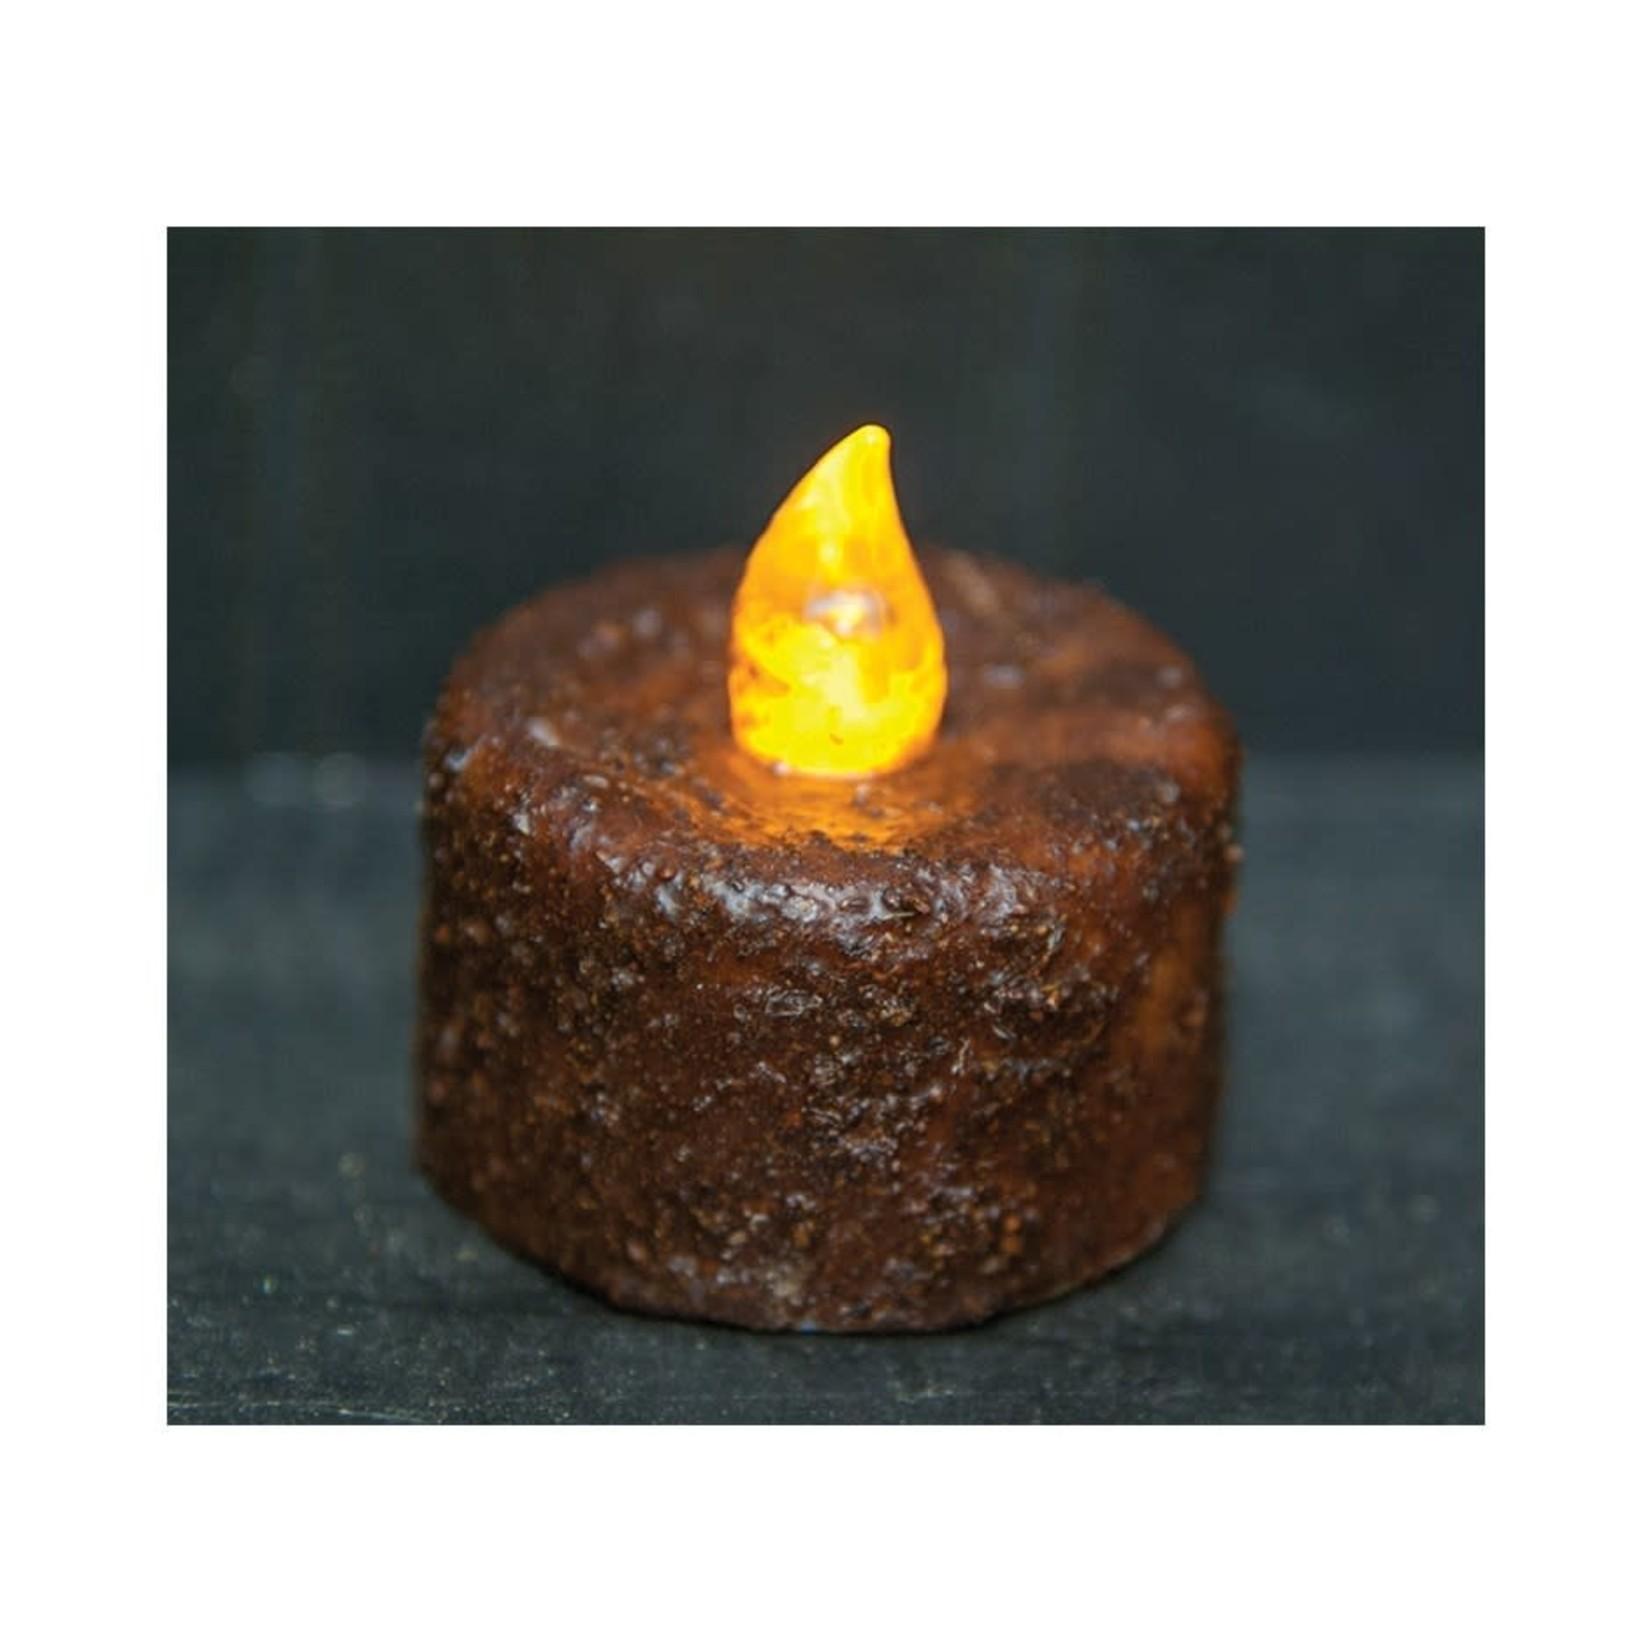 Burnt Mustard Timer Tealight